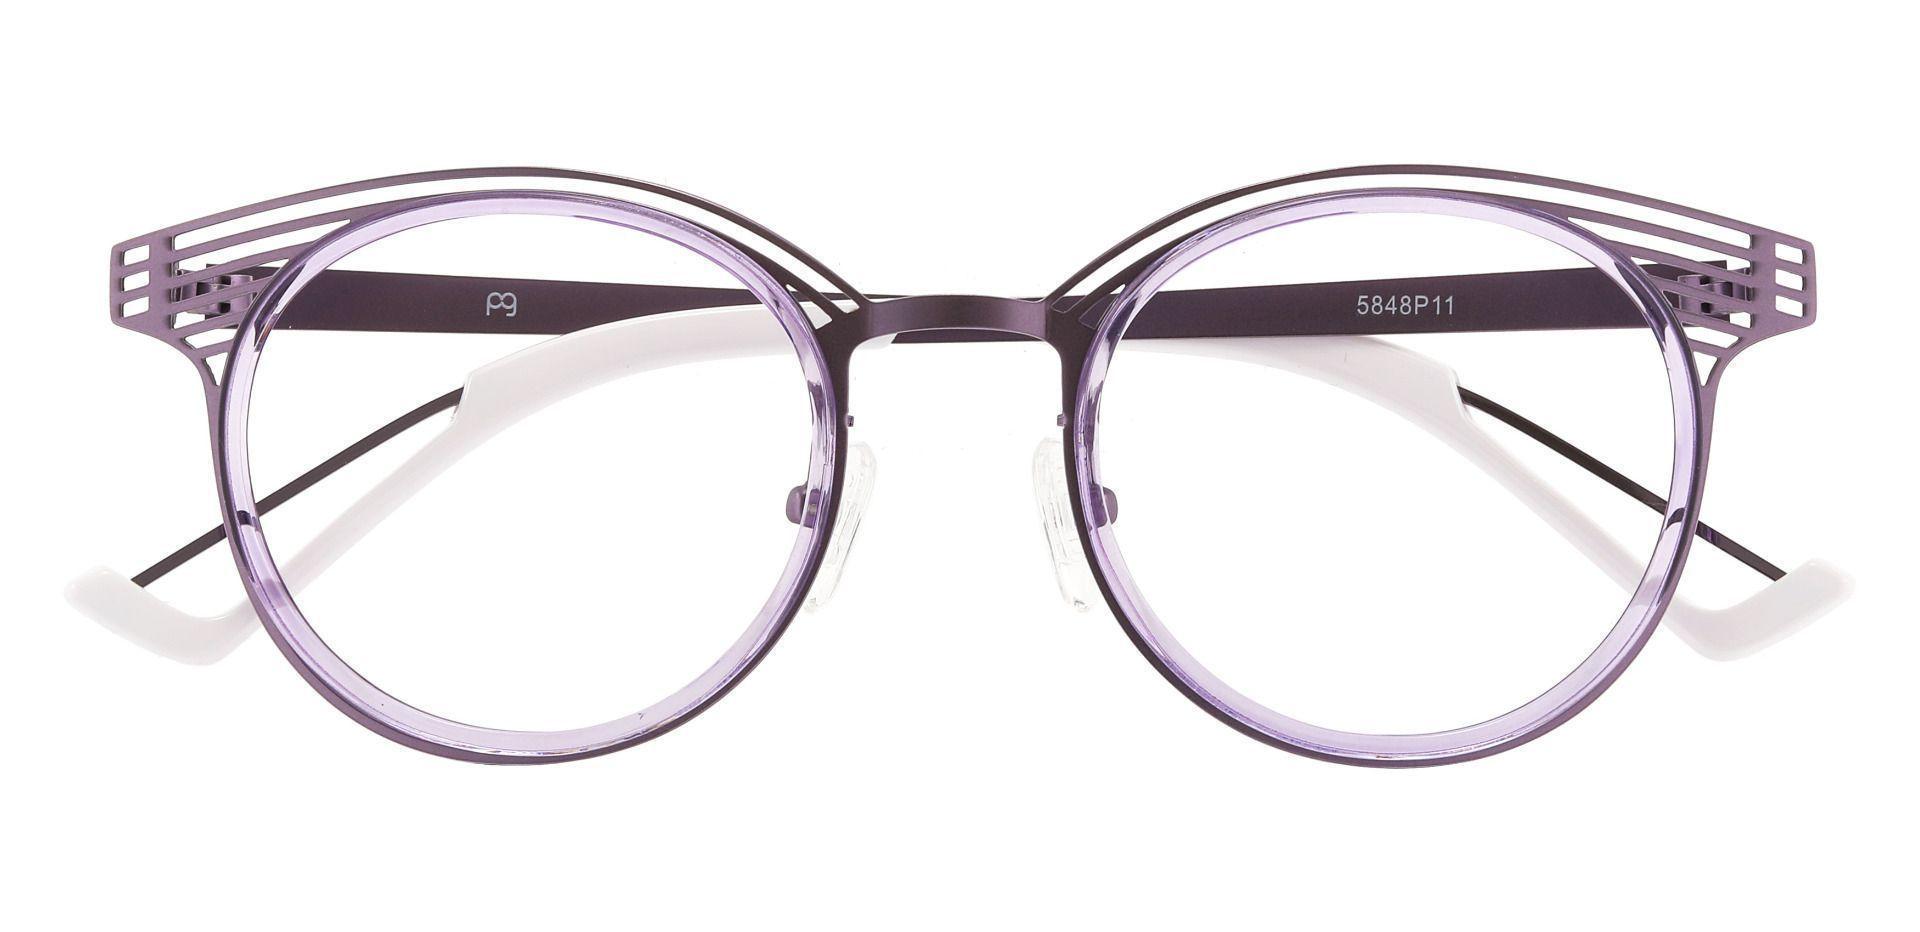 Waverly Round Prescription Glasses - Purple